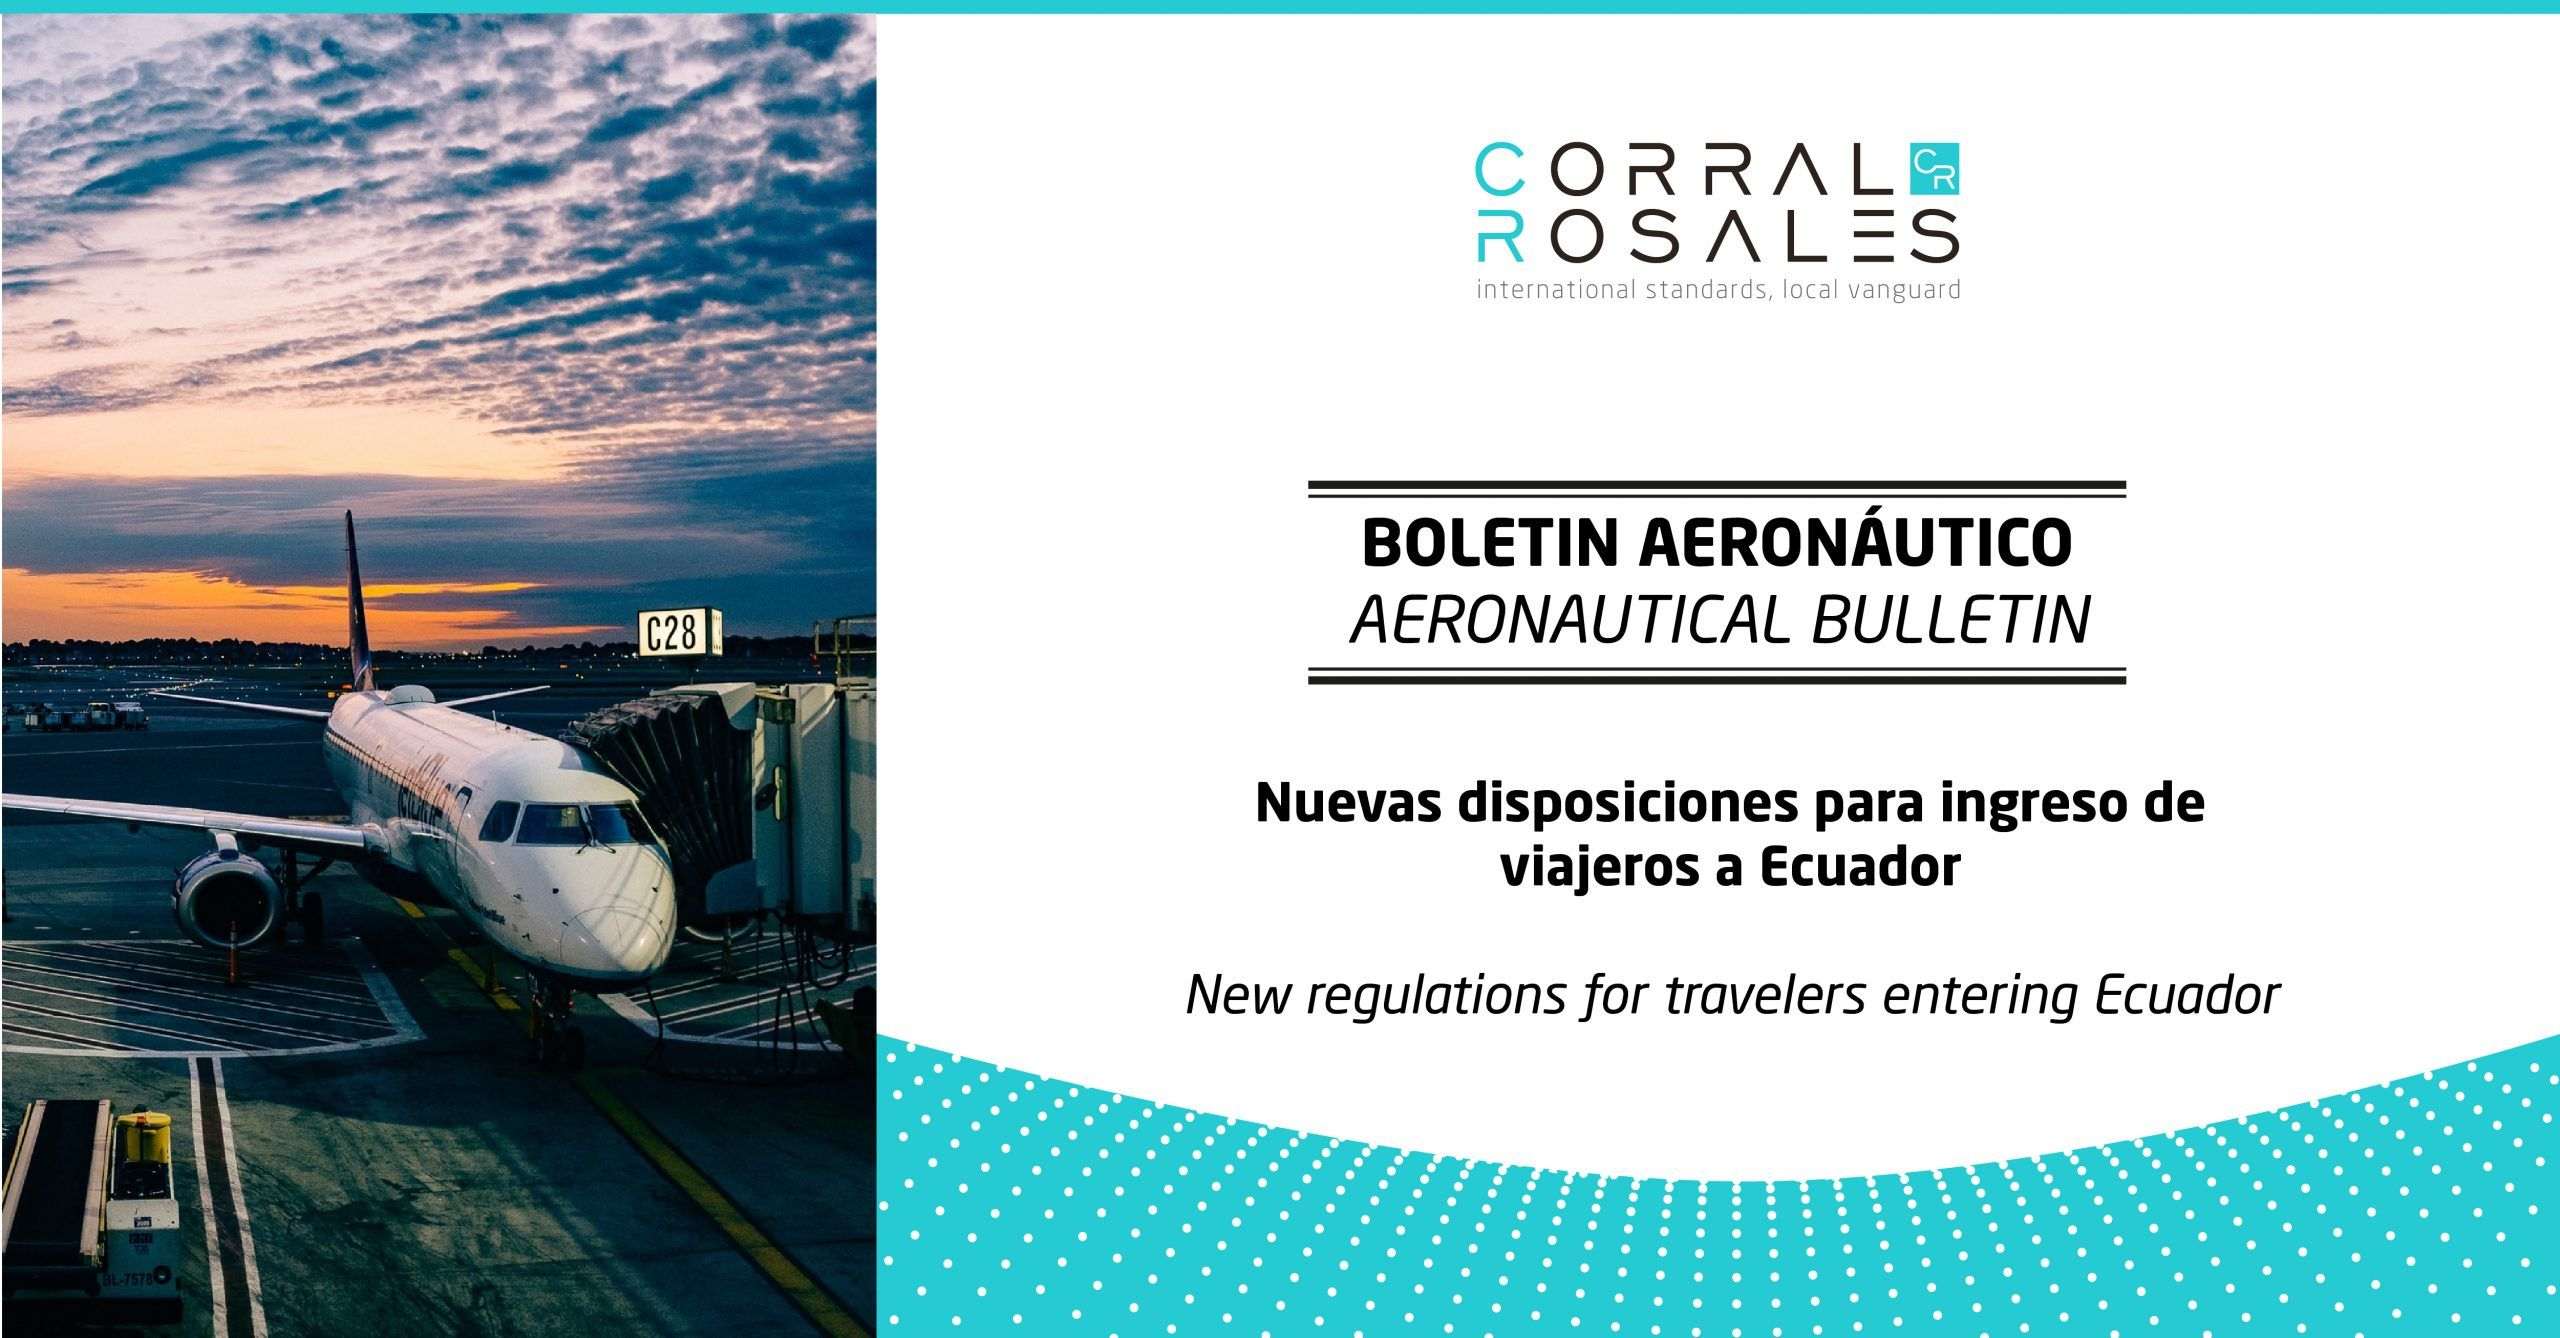 boletin-aeronautico-nuevas-disposiciones-para-ingreso-de-viajeros-a-ecuador-abogados